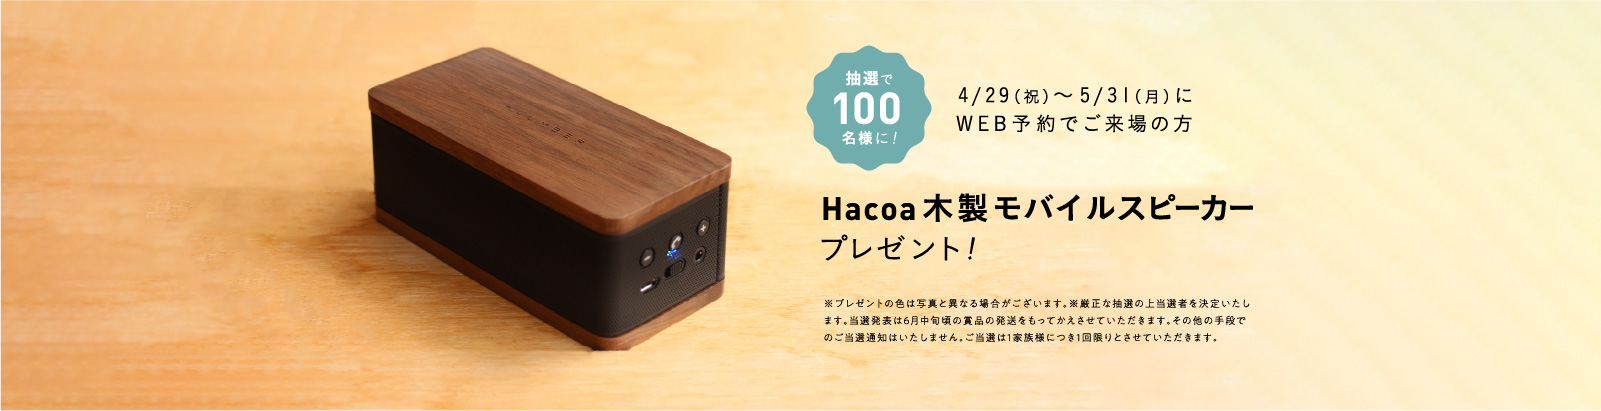 Hacoa木製モバイルスピーカーが抽選で当たる!